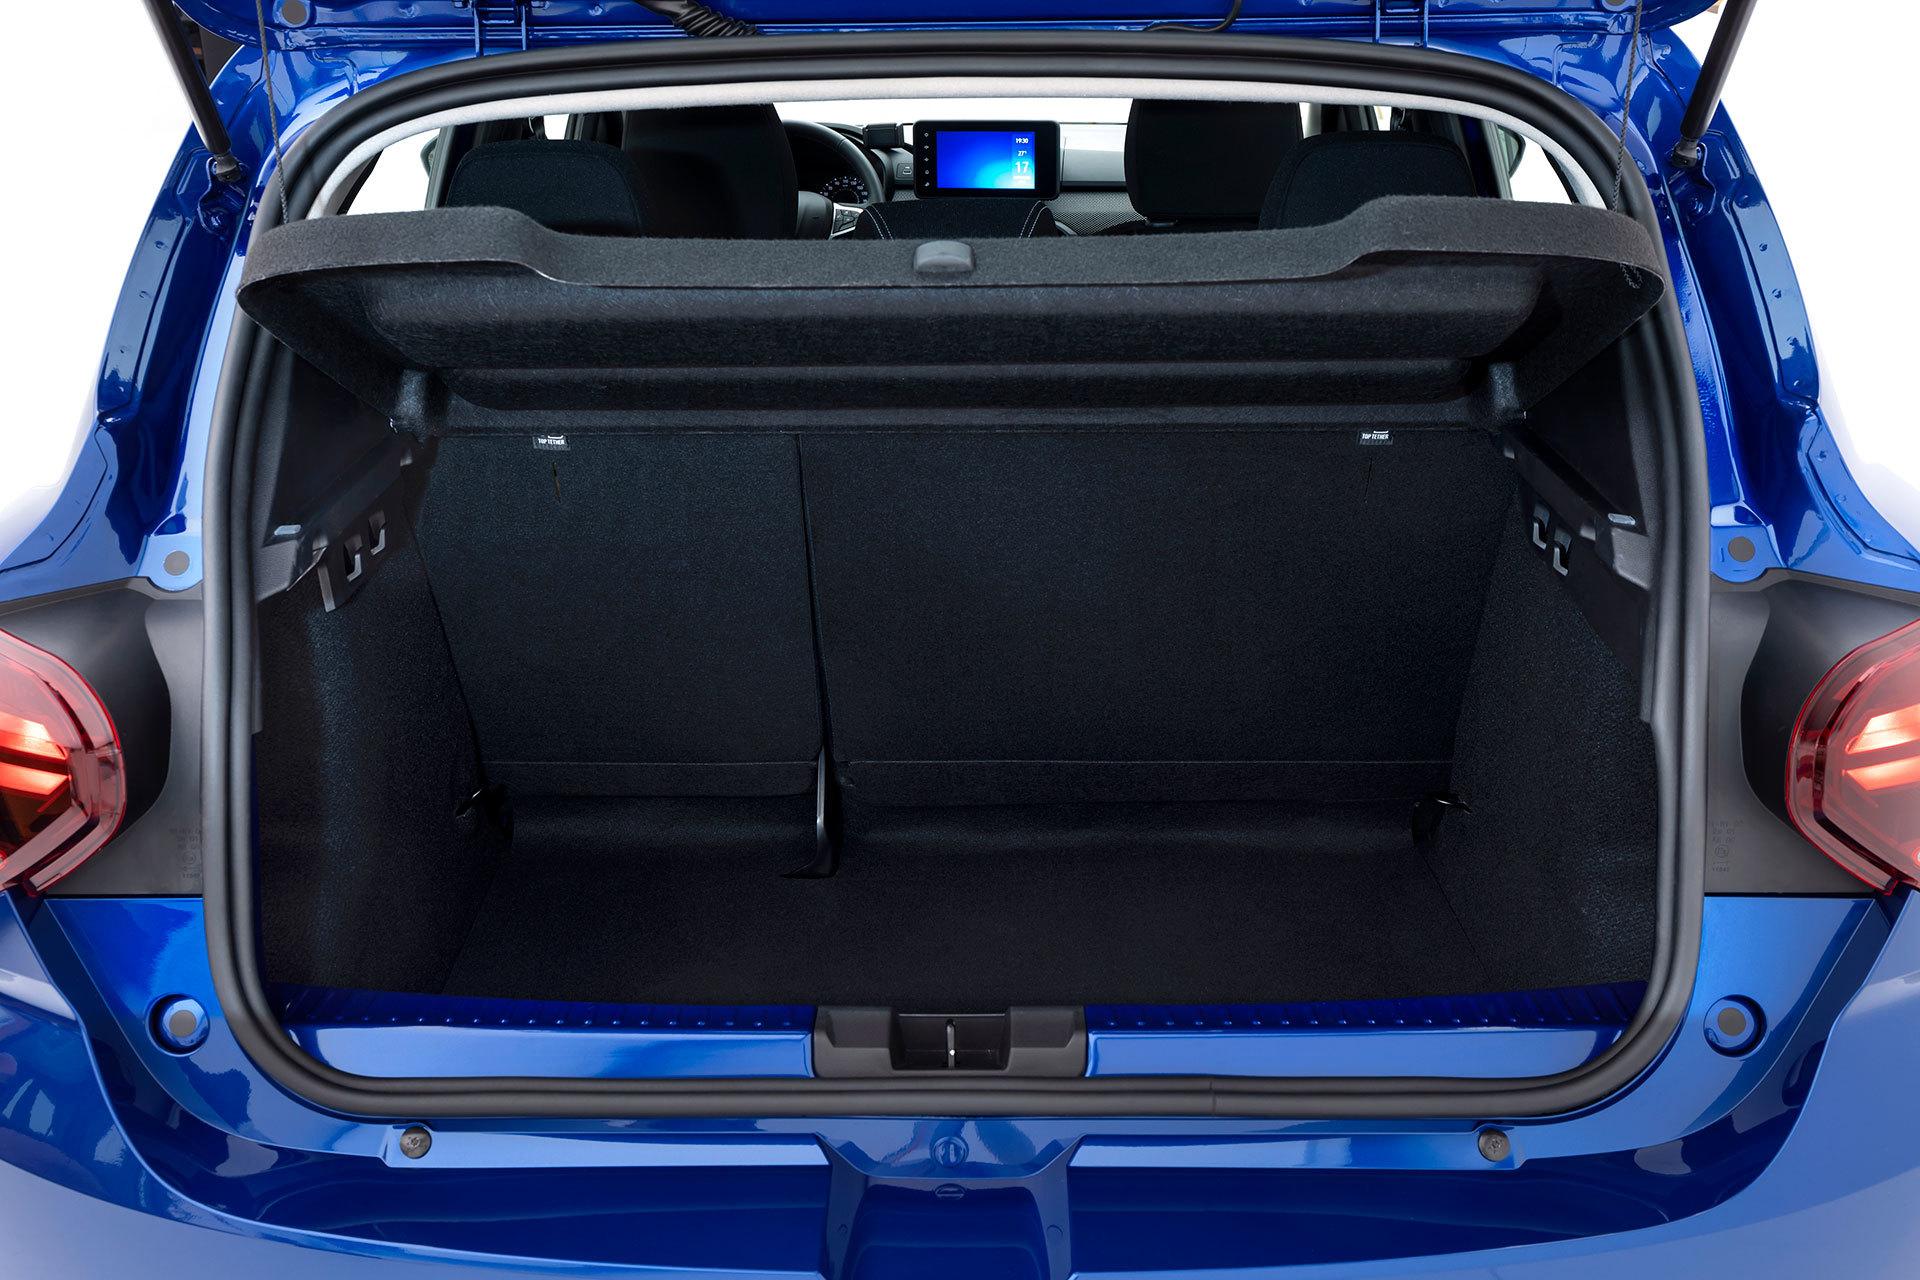 Dacia Sandero 2020 Azul Exterior 04